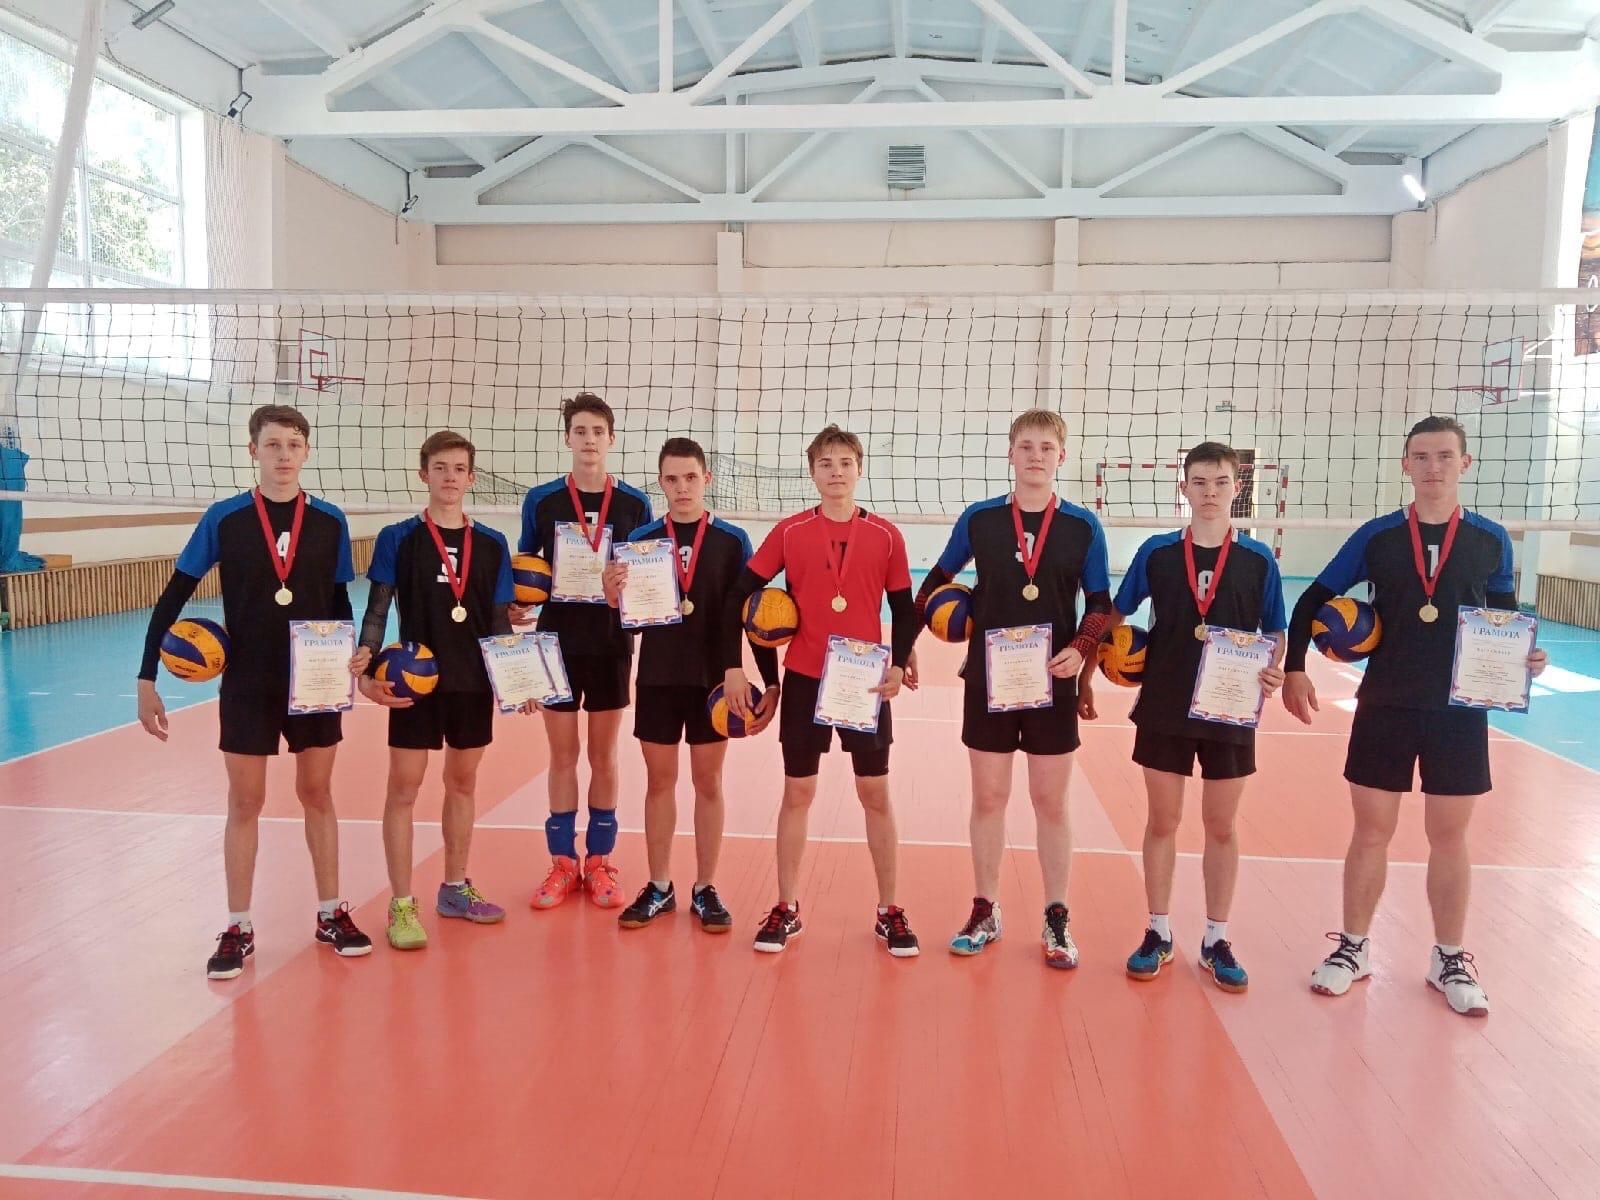 Волейболисты из Можгинского района абсолютные чемпионы Удмуртии!Открытый